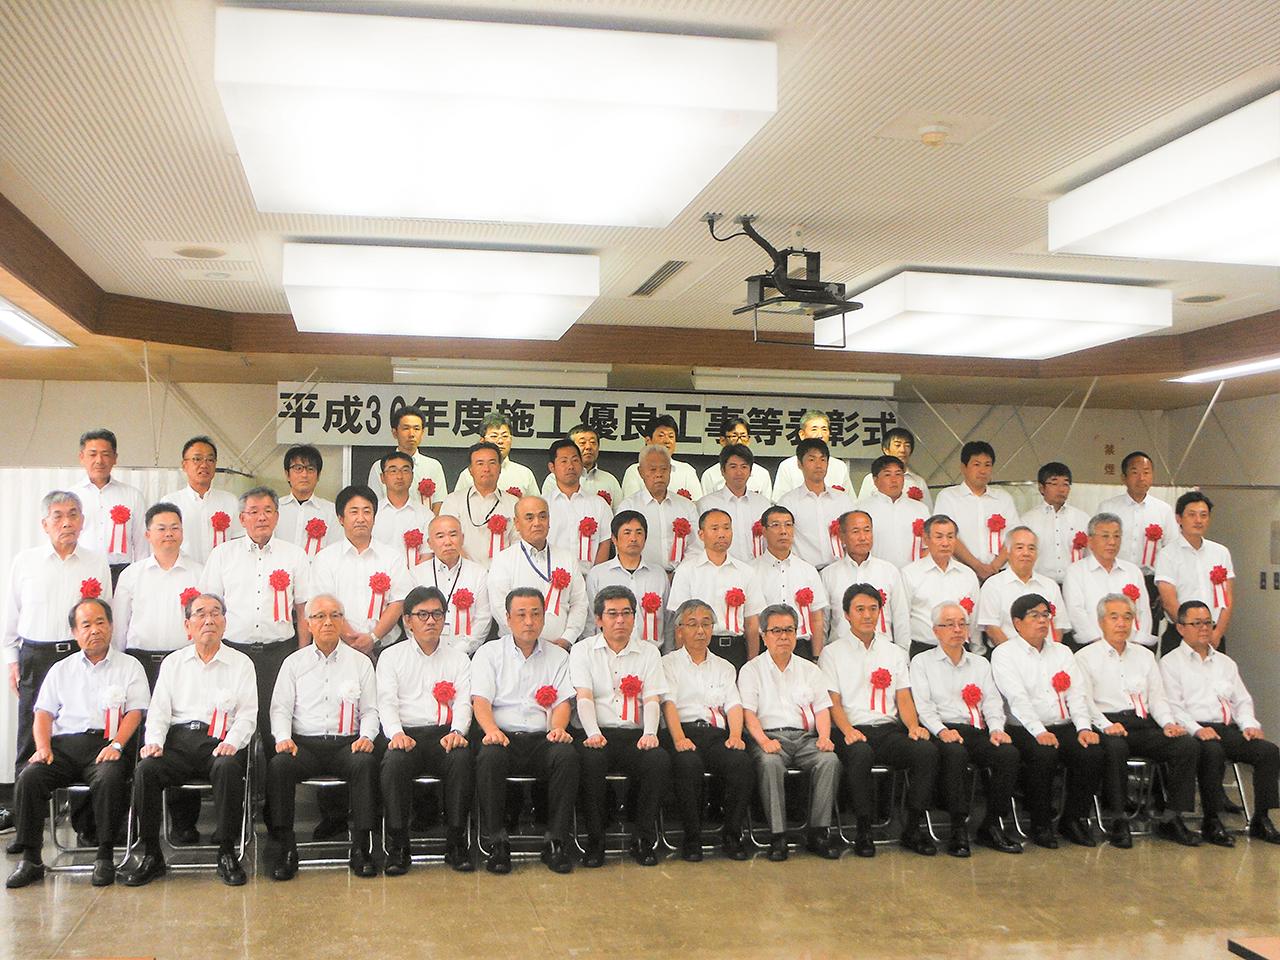 島根県出雲県土整備事務所長表彰をいただきました。